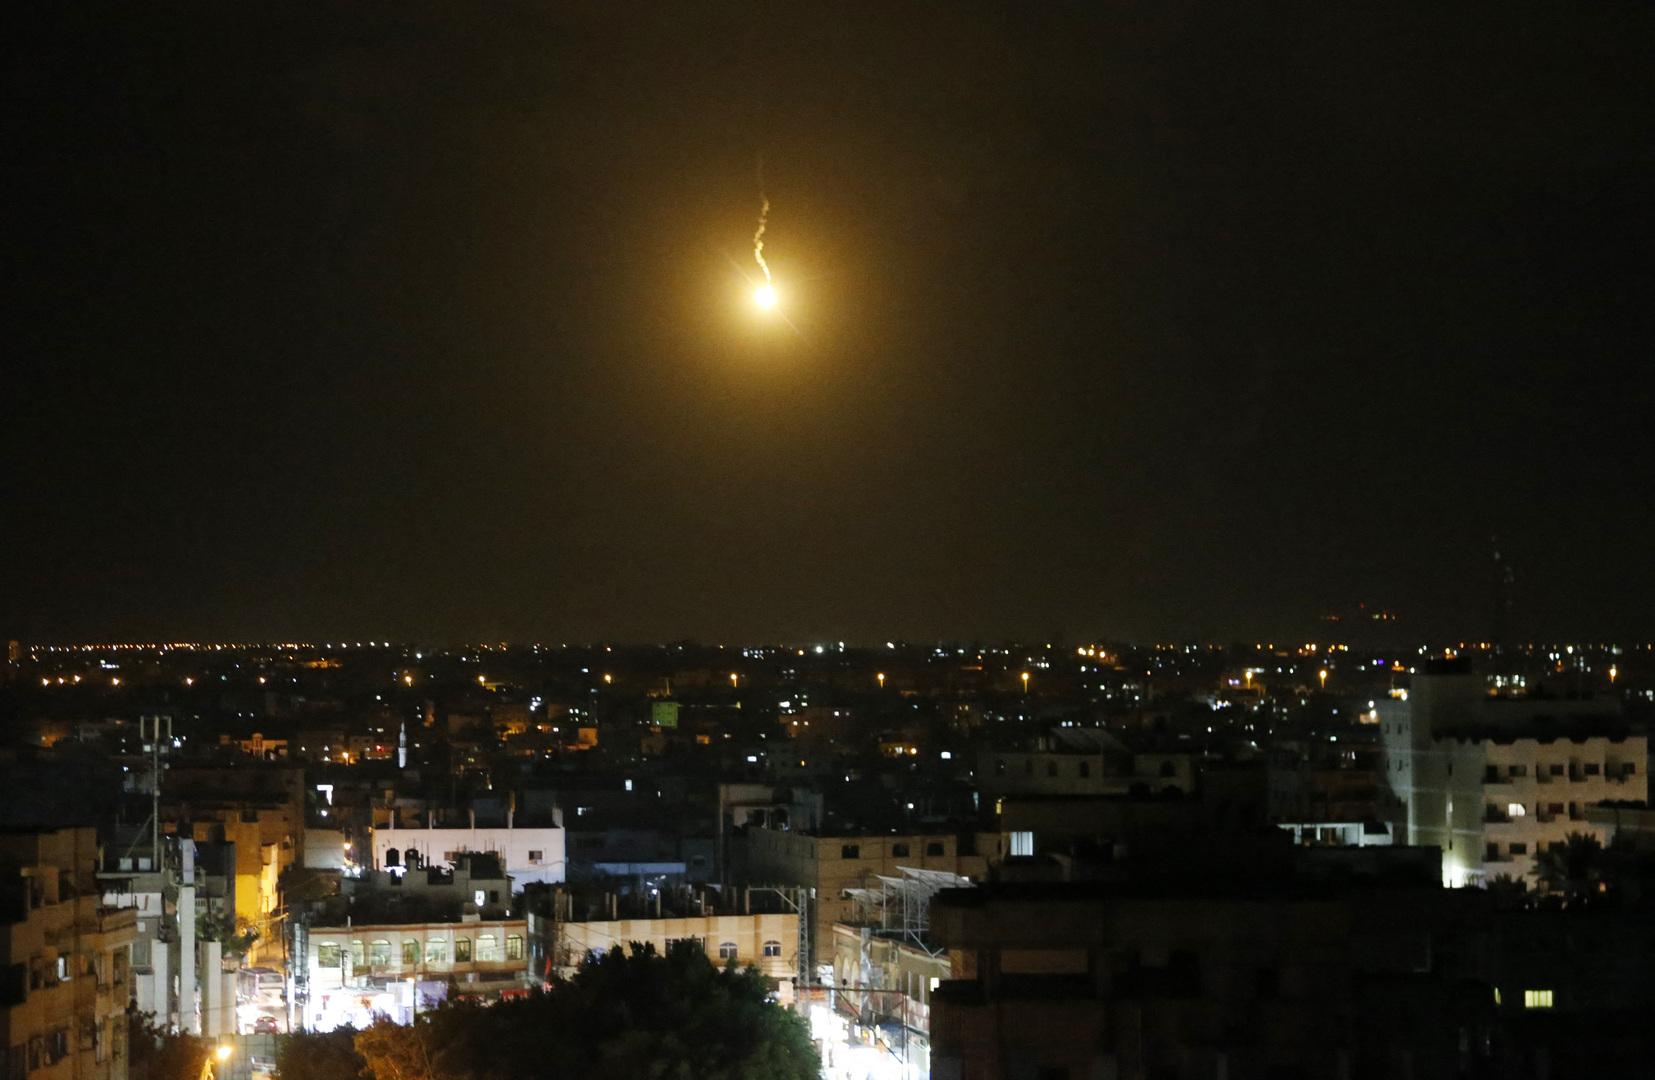 وسائل إعلام إسرائيلية: الجيش يحبط عملية اجتياز شخص للحدود من لبنان باتجاه إسرائيل